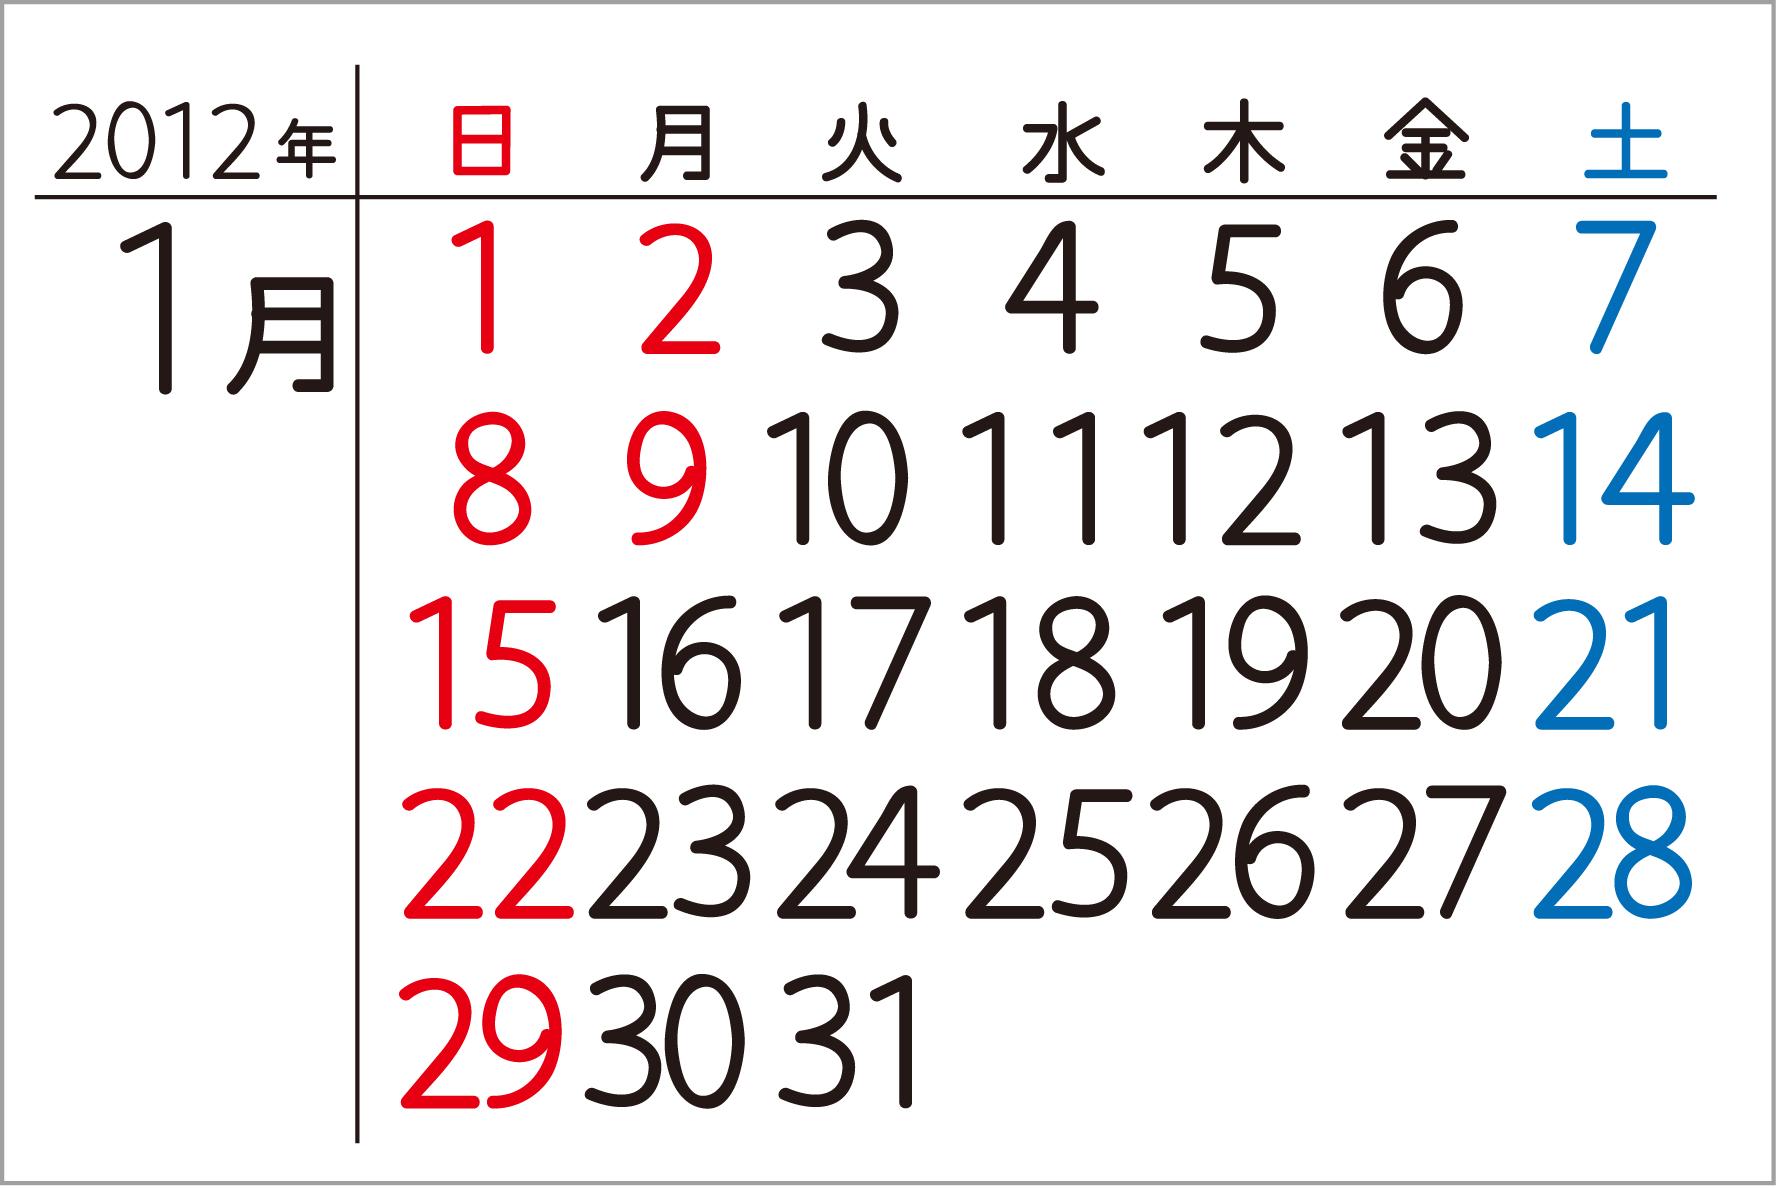 カレンダー カレンダー 2012 : はがきサイズカレンダー2012